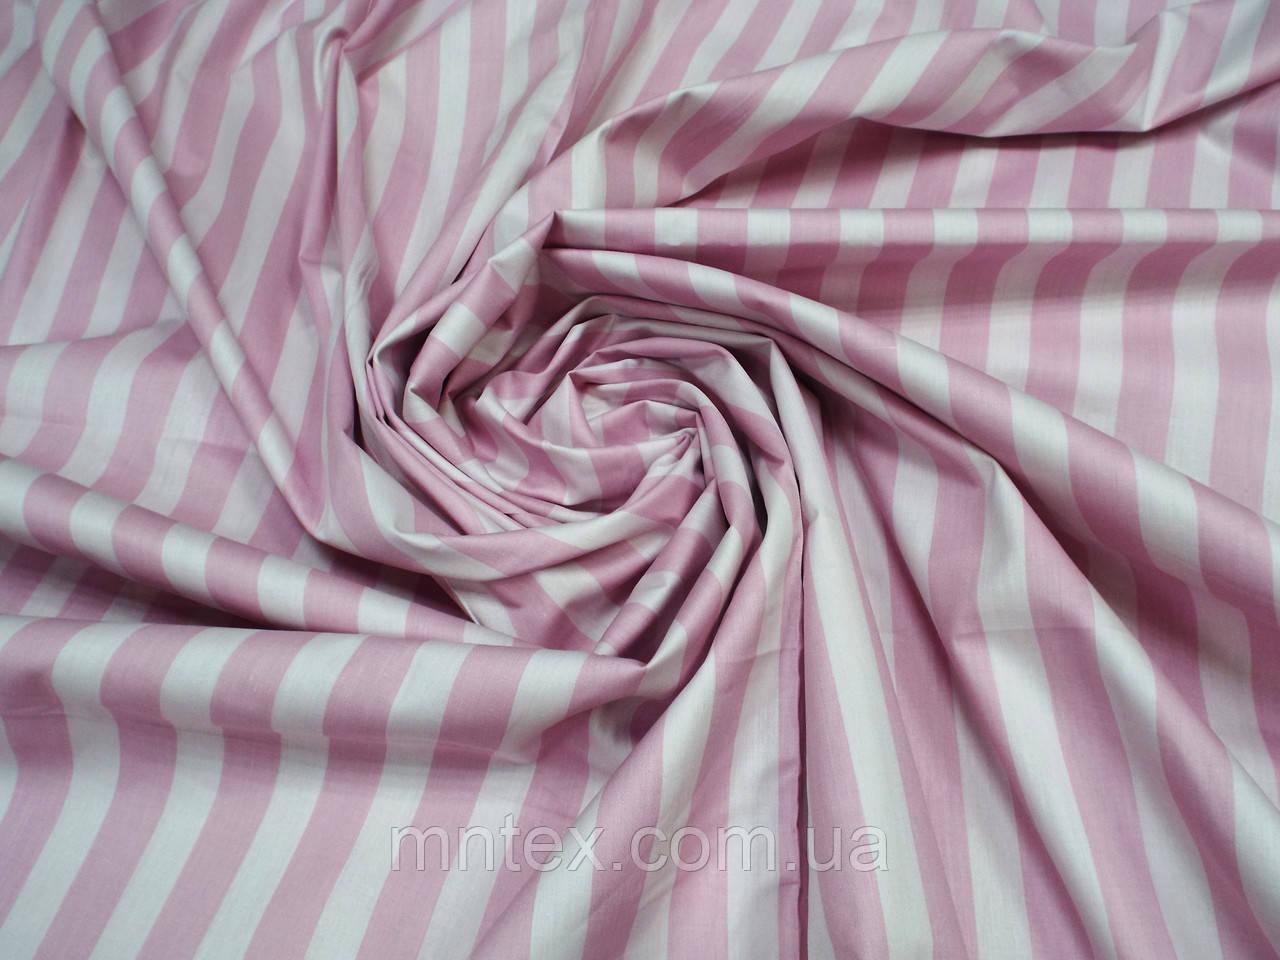 Ткань для пошива постельного белья сатин Весенний луг комп.